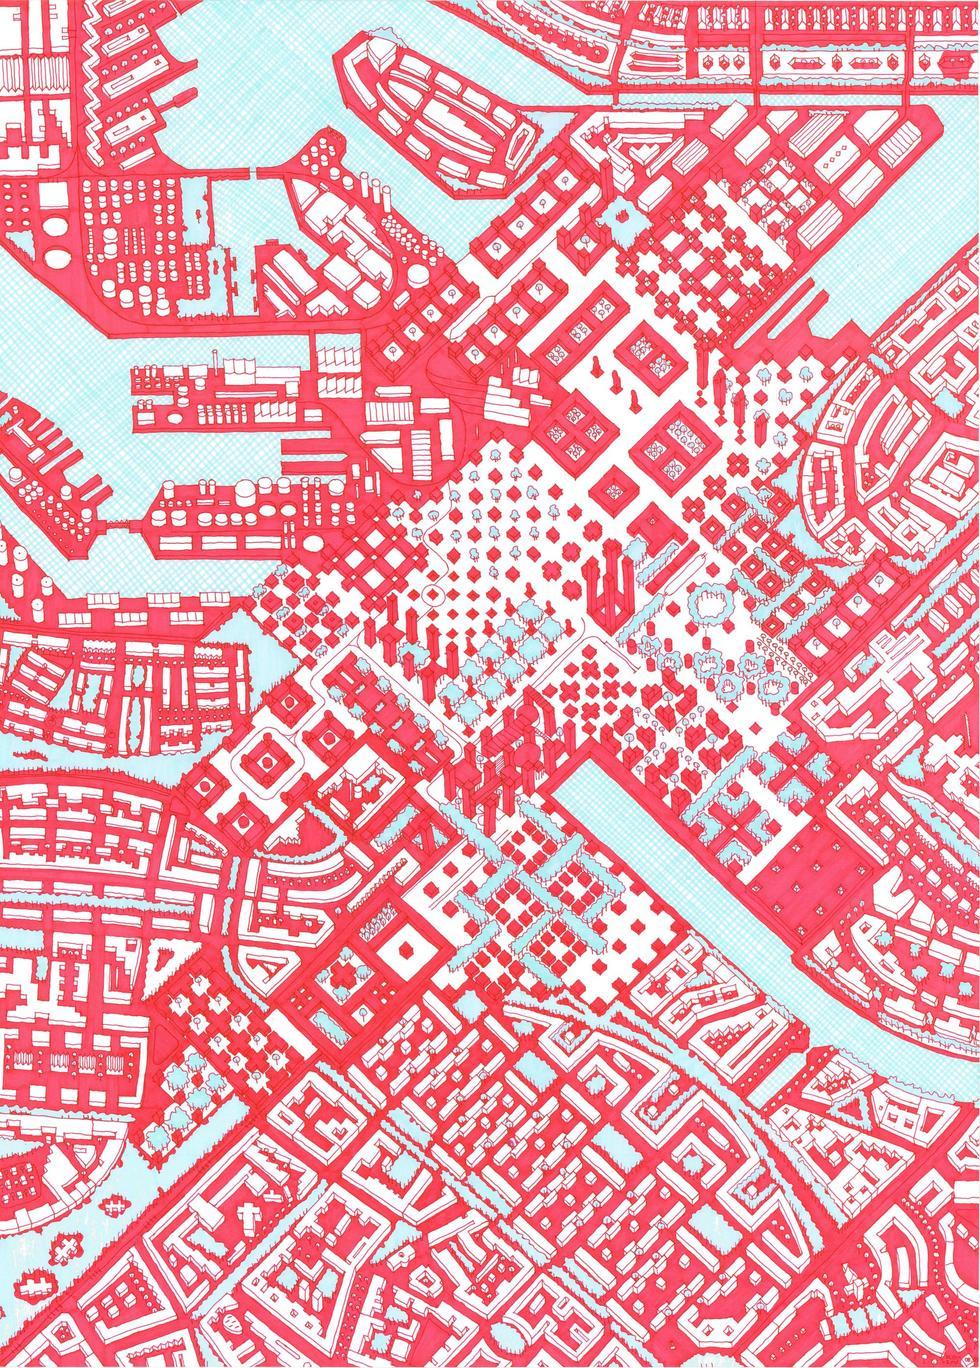 Fikcyjne miasta. Wystawa